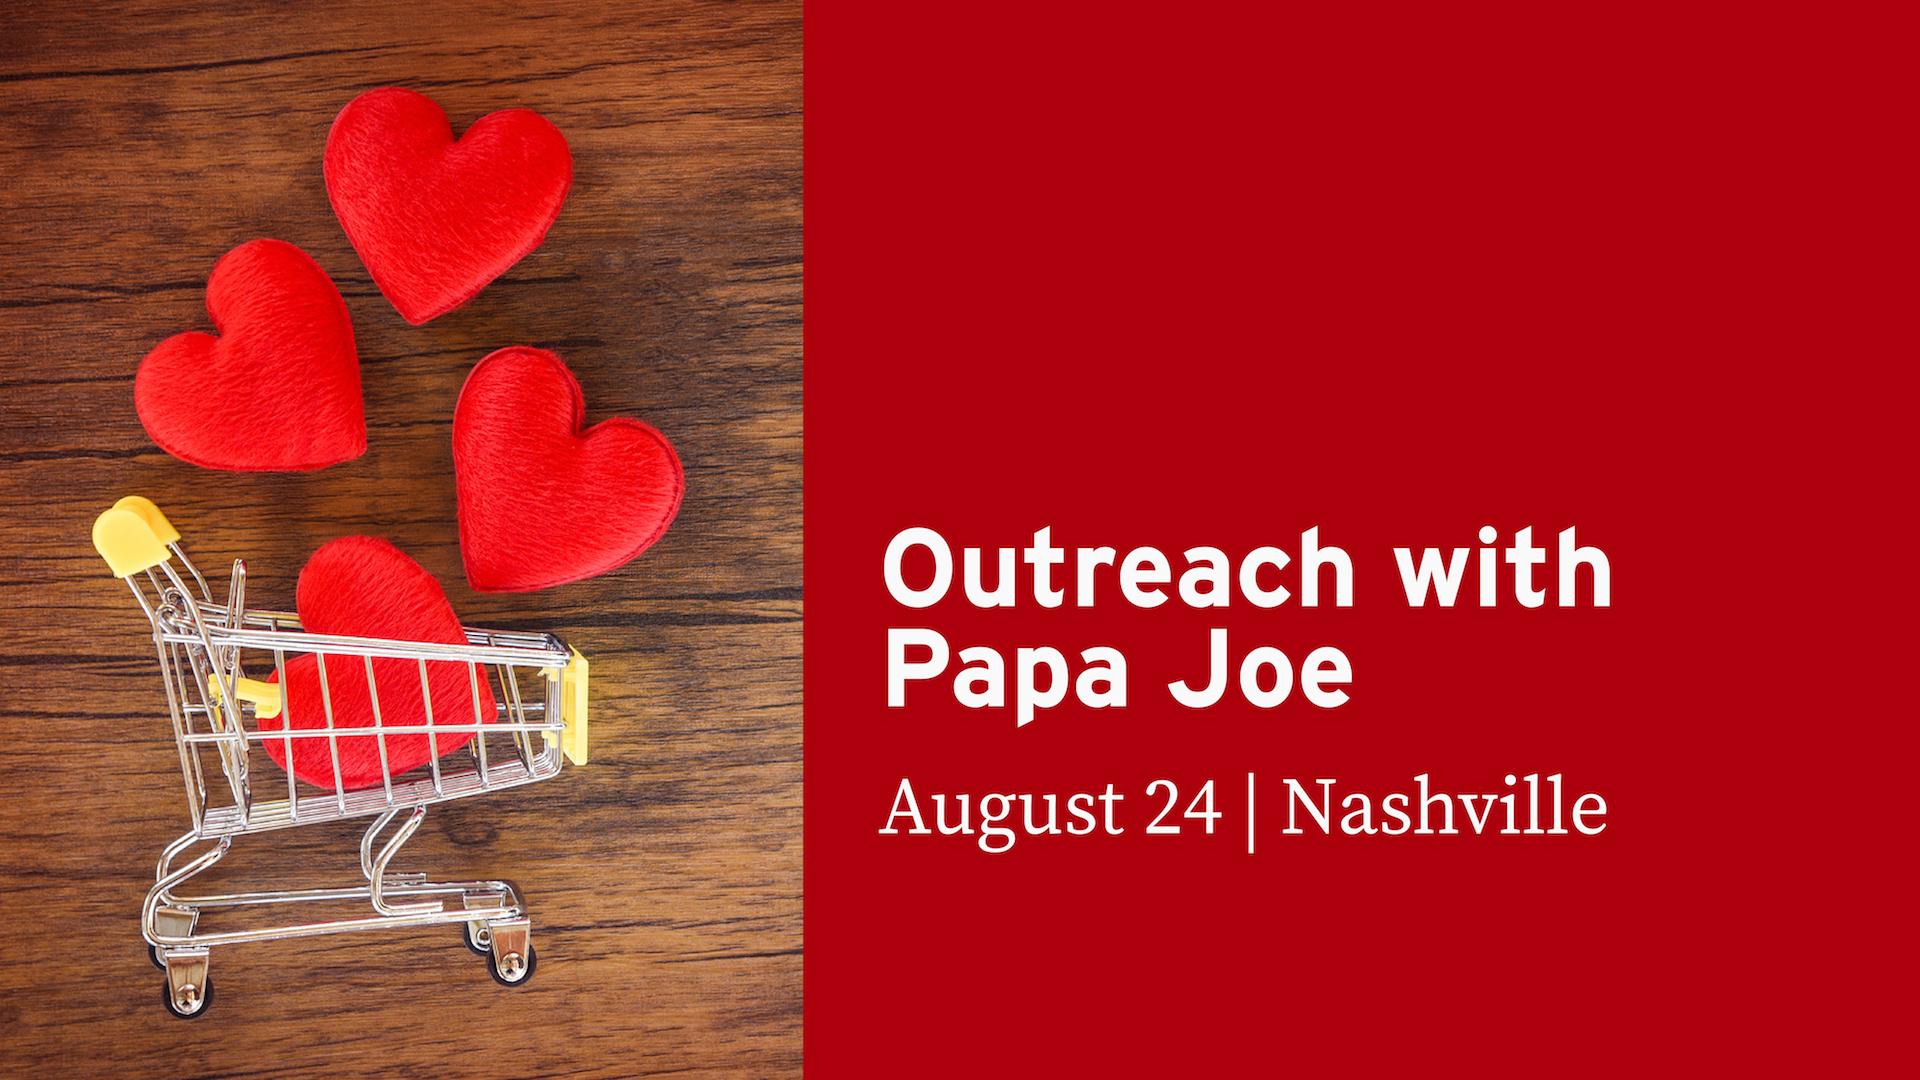 Papa Joe-01-01-01.jpg